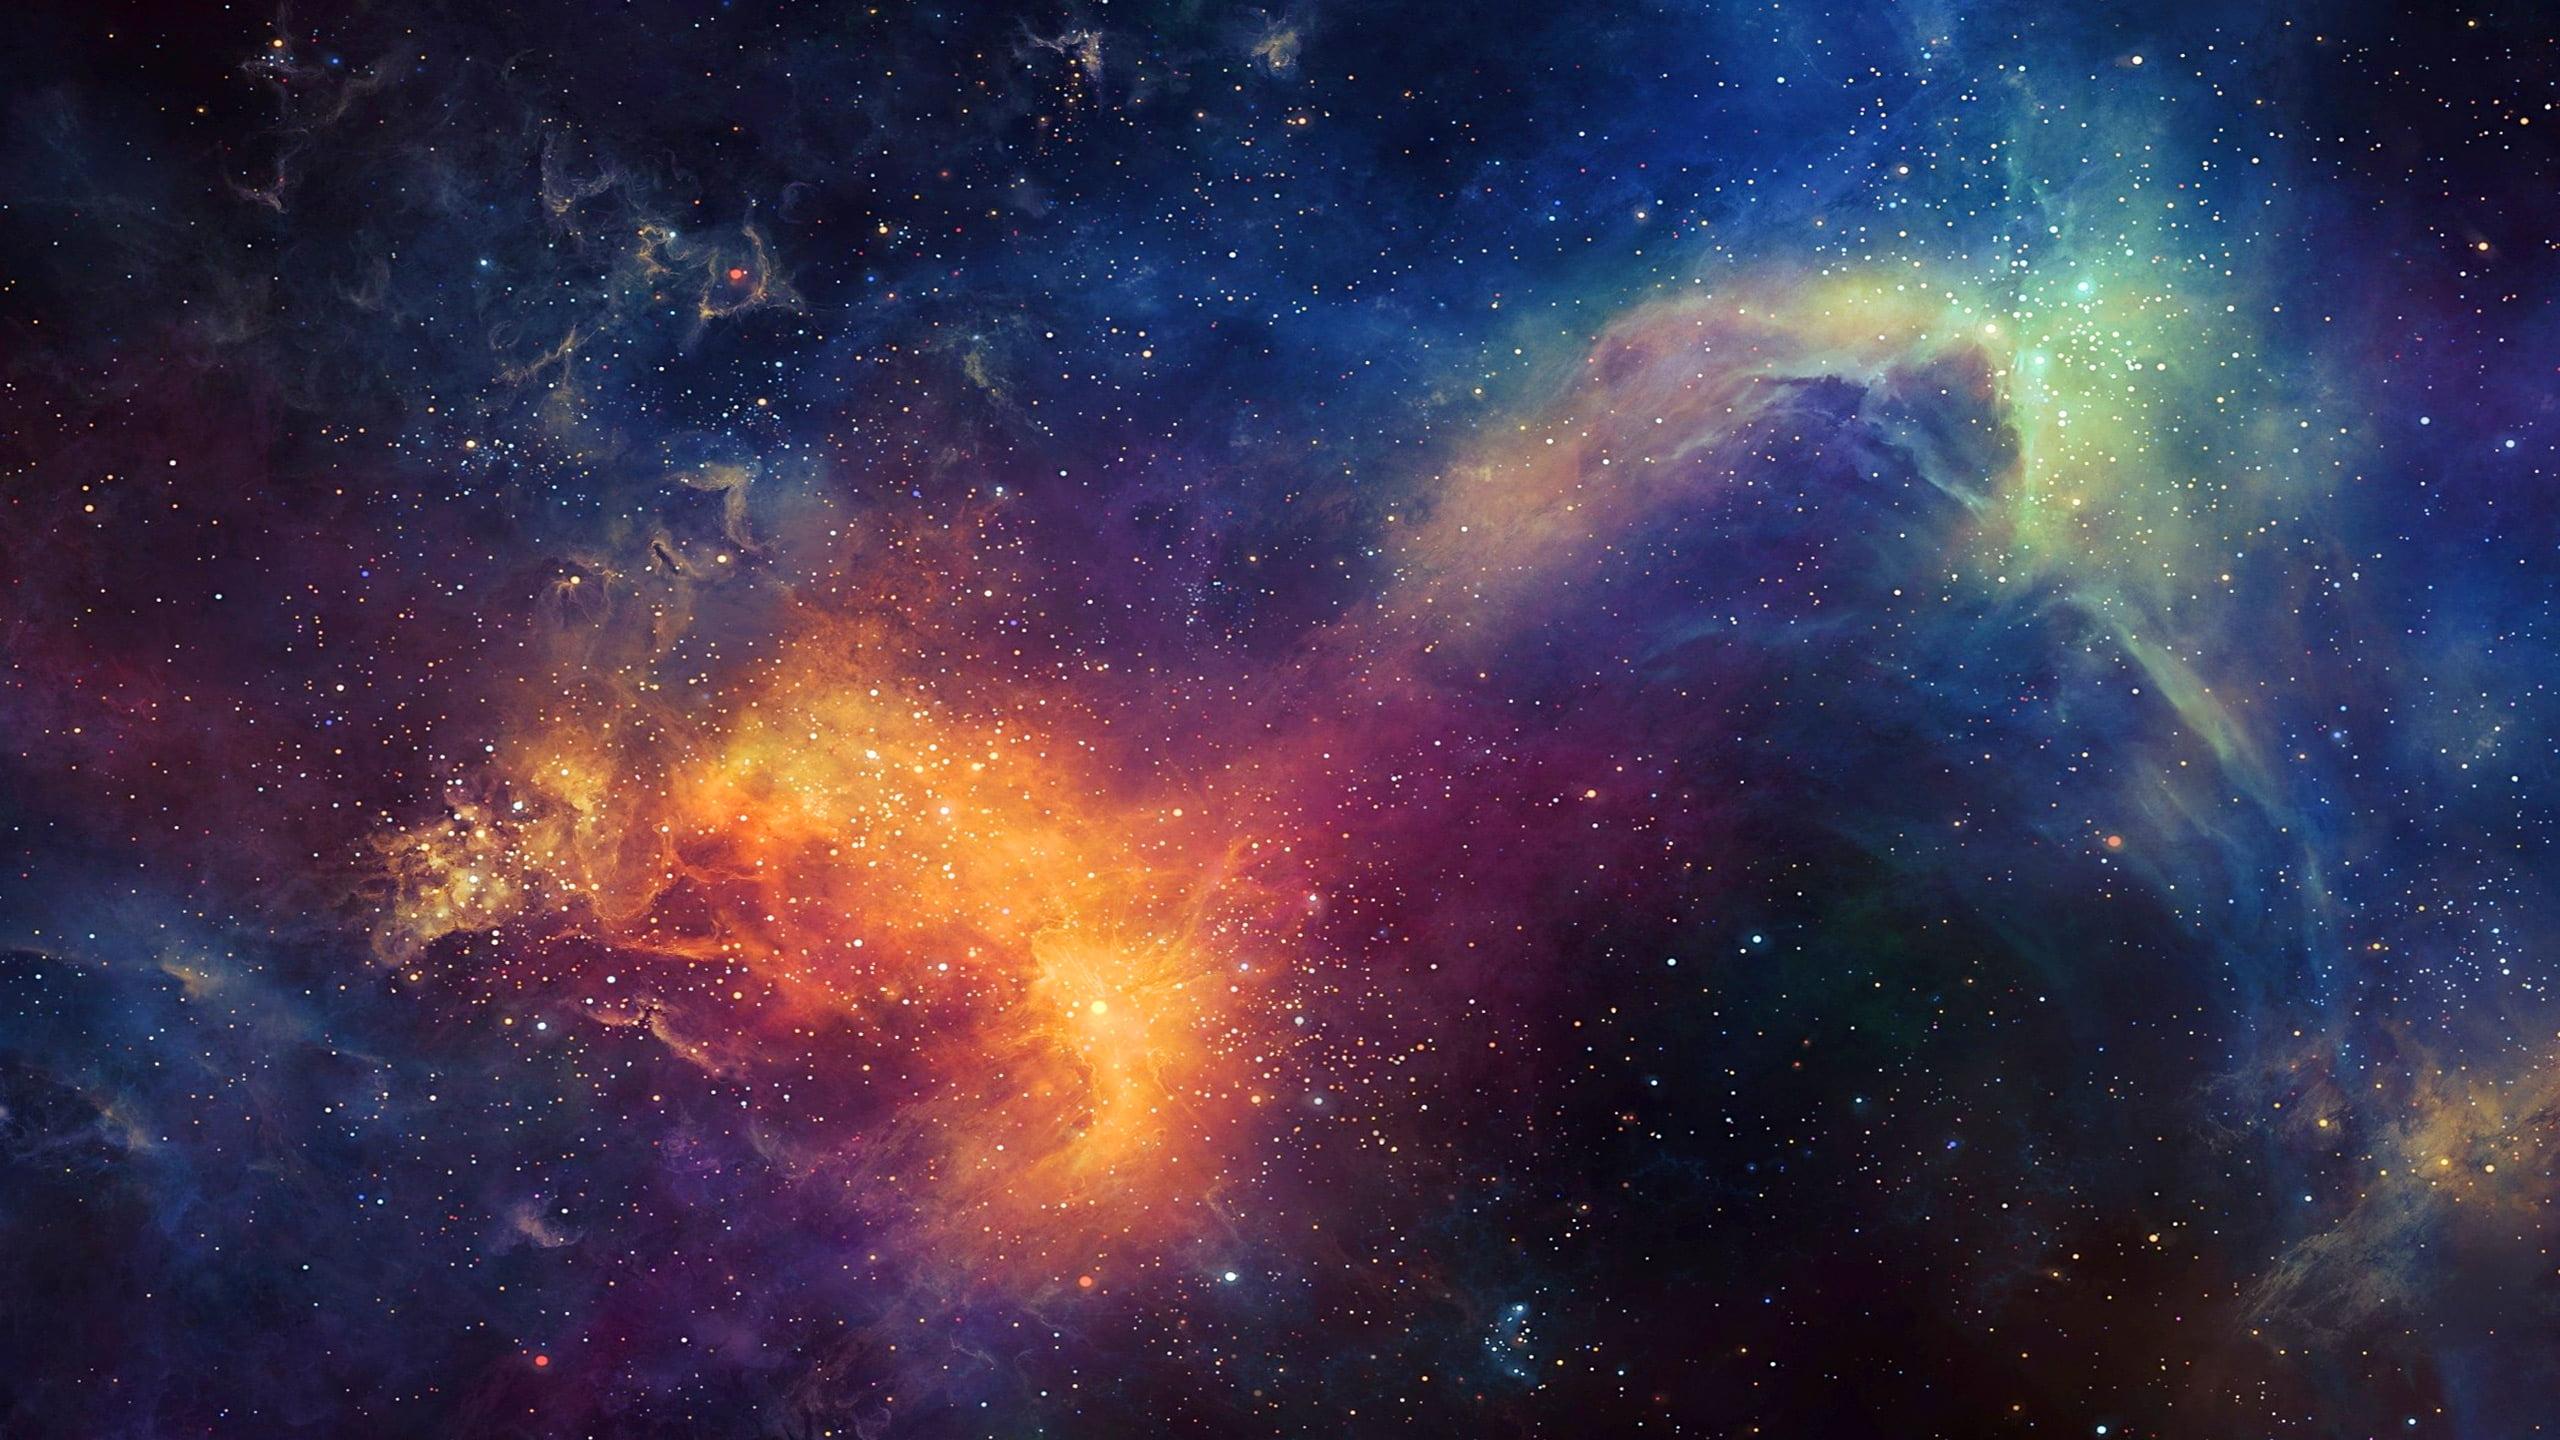 Hình nền Galaxy ấn tượng